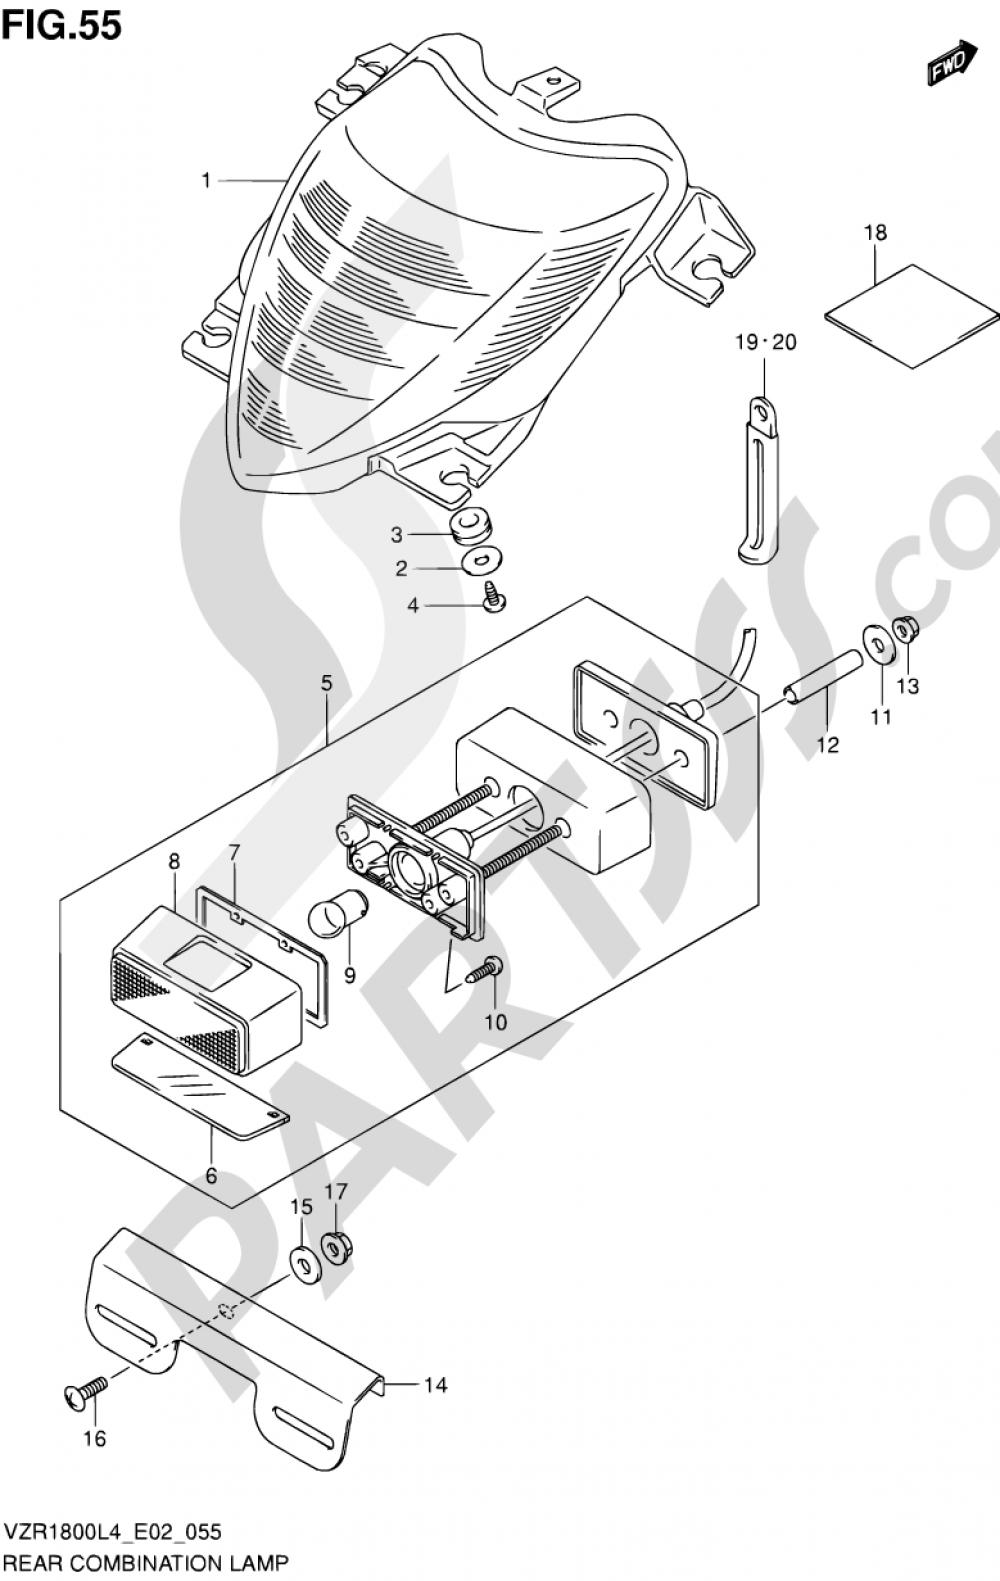 55 - REAR COMBINATION LAMP (VZR1800L4 E19) Suzuki VZR1800 2014